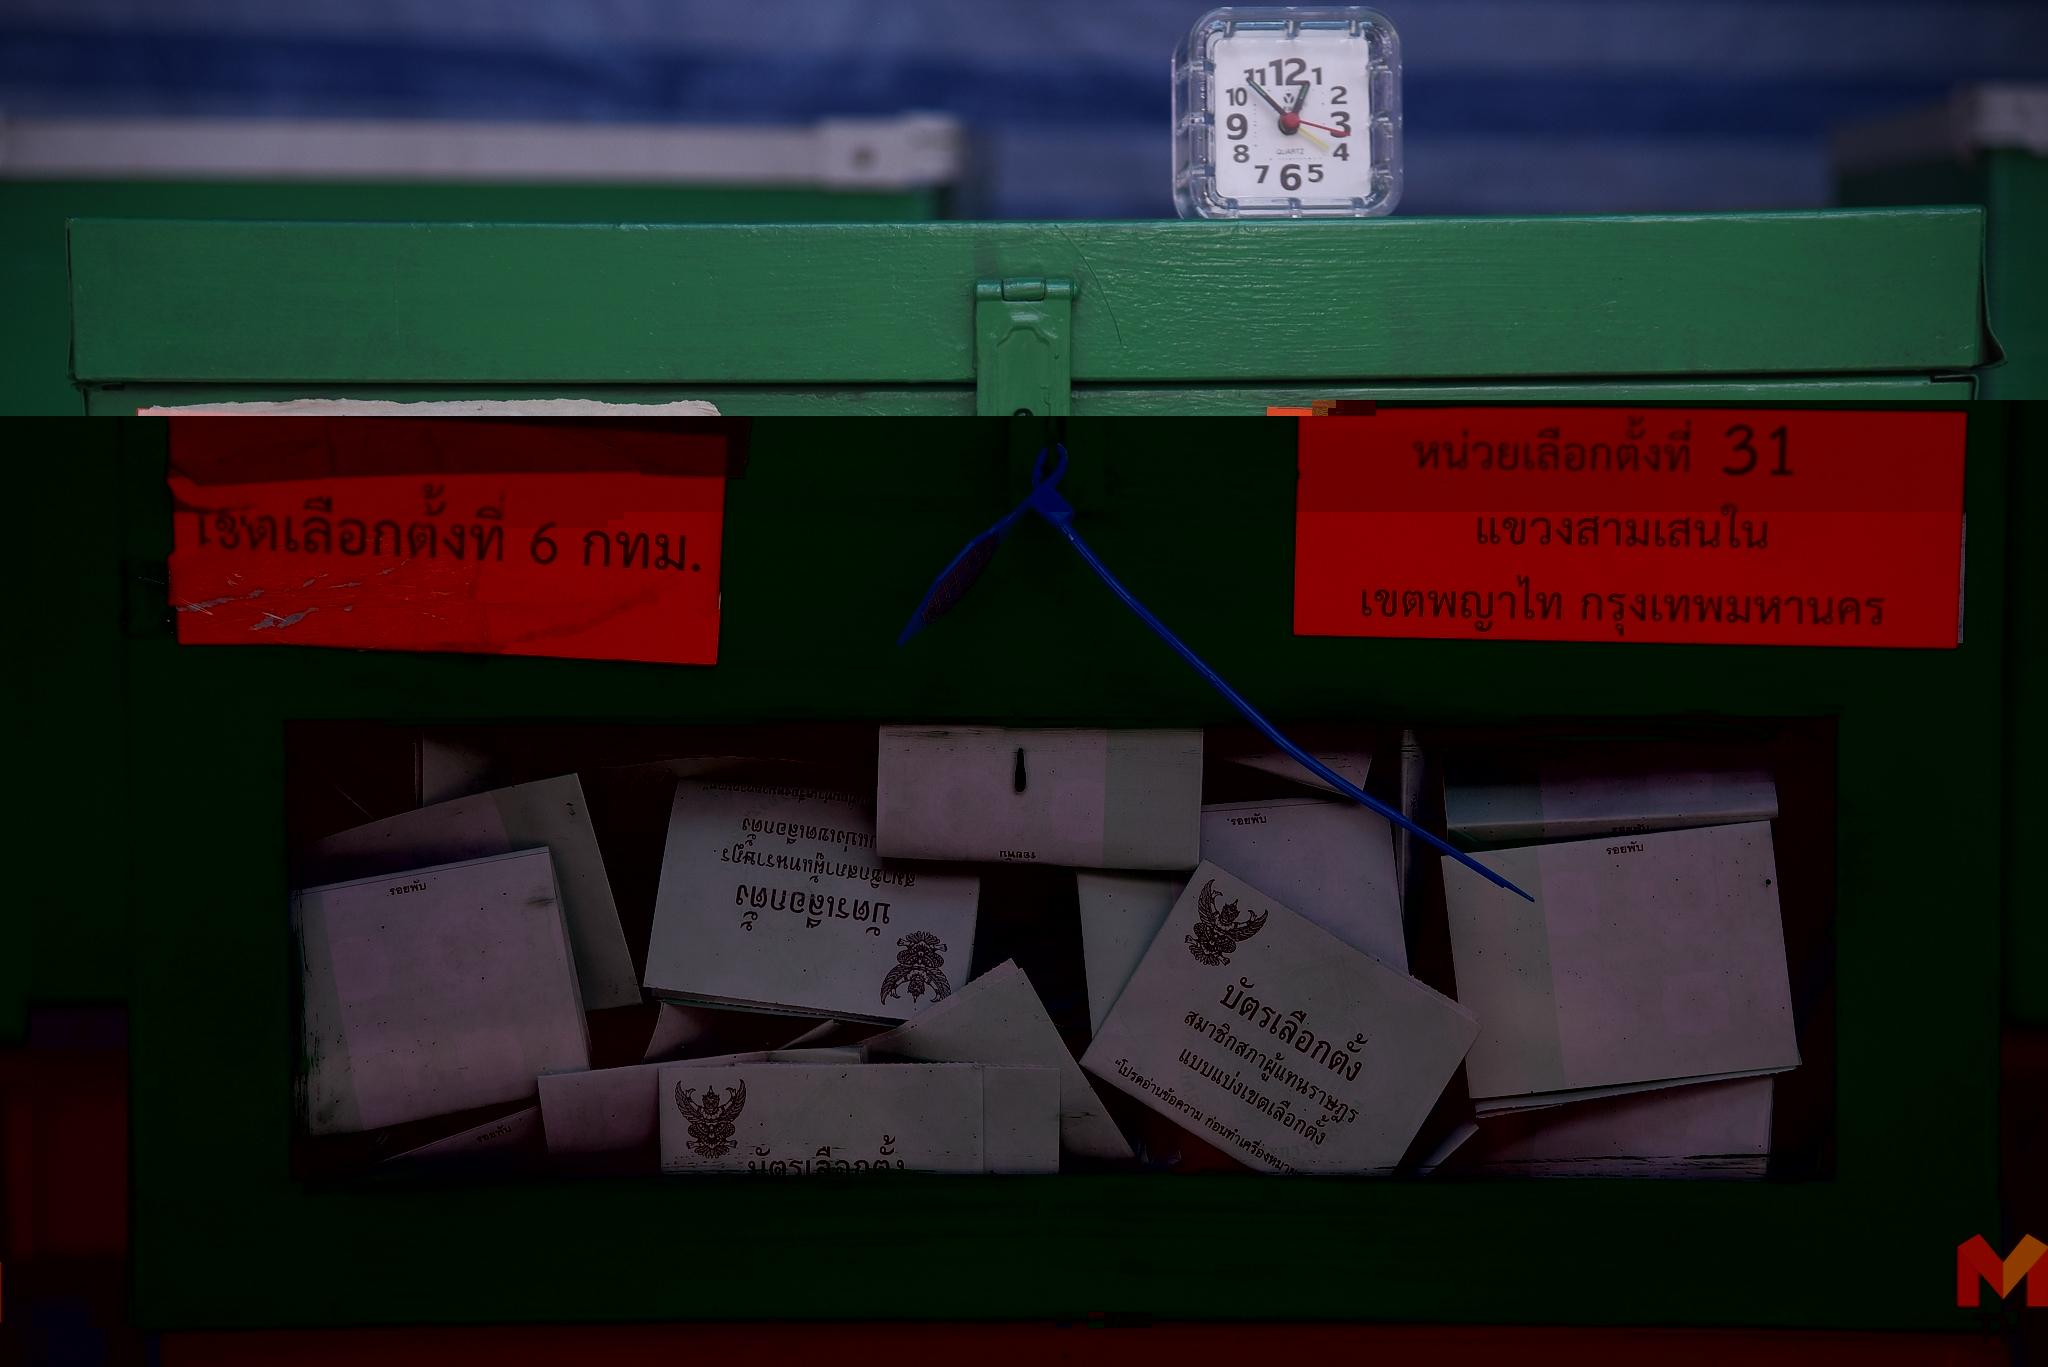 กกต บัตรนิวซีแลนด์ บัตรลงคะแนนเลือกตั้ง บัตรเสีย เลือกตั้ง62